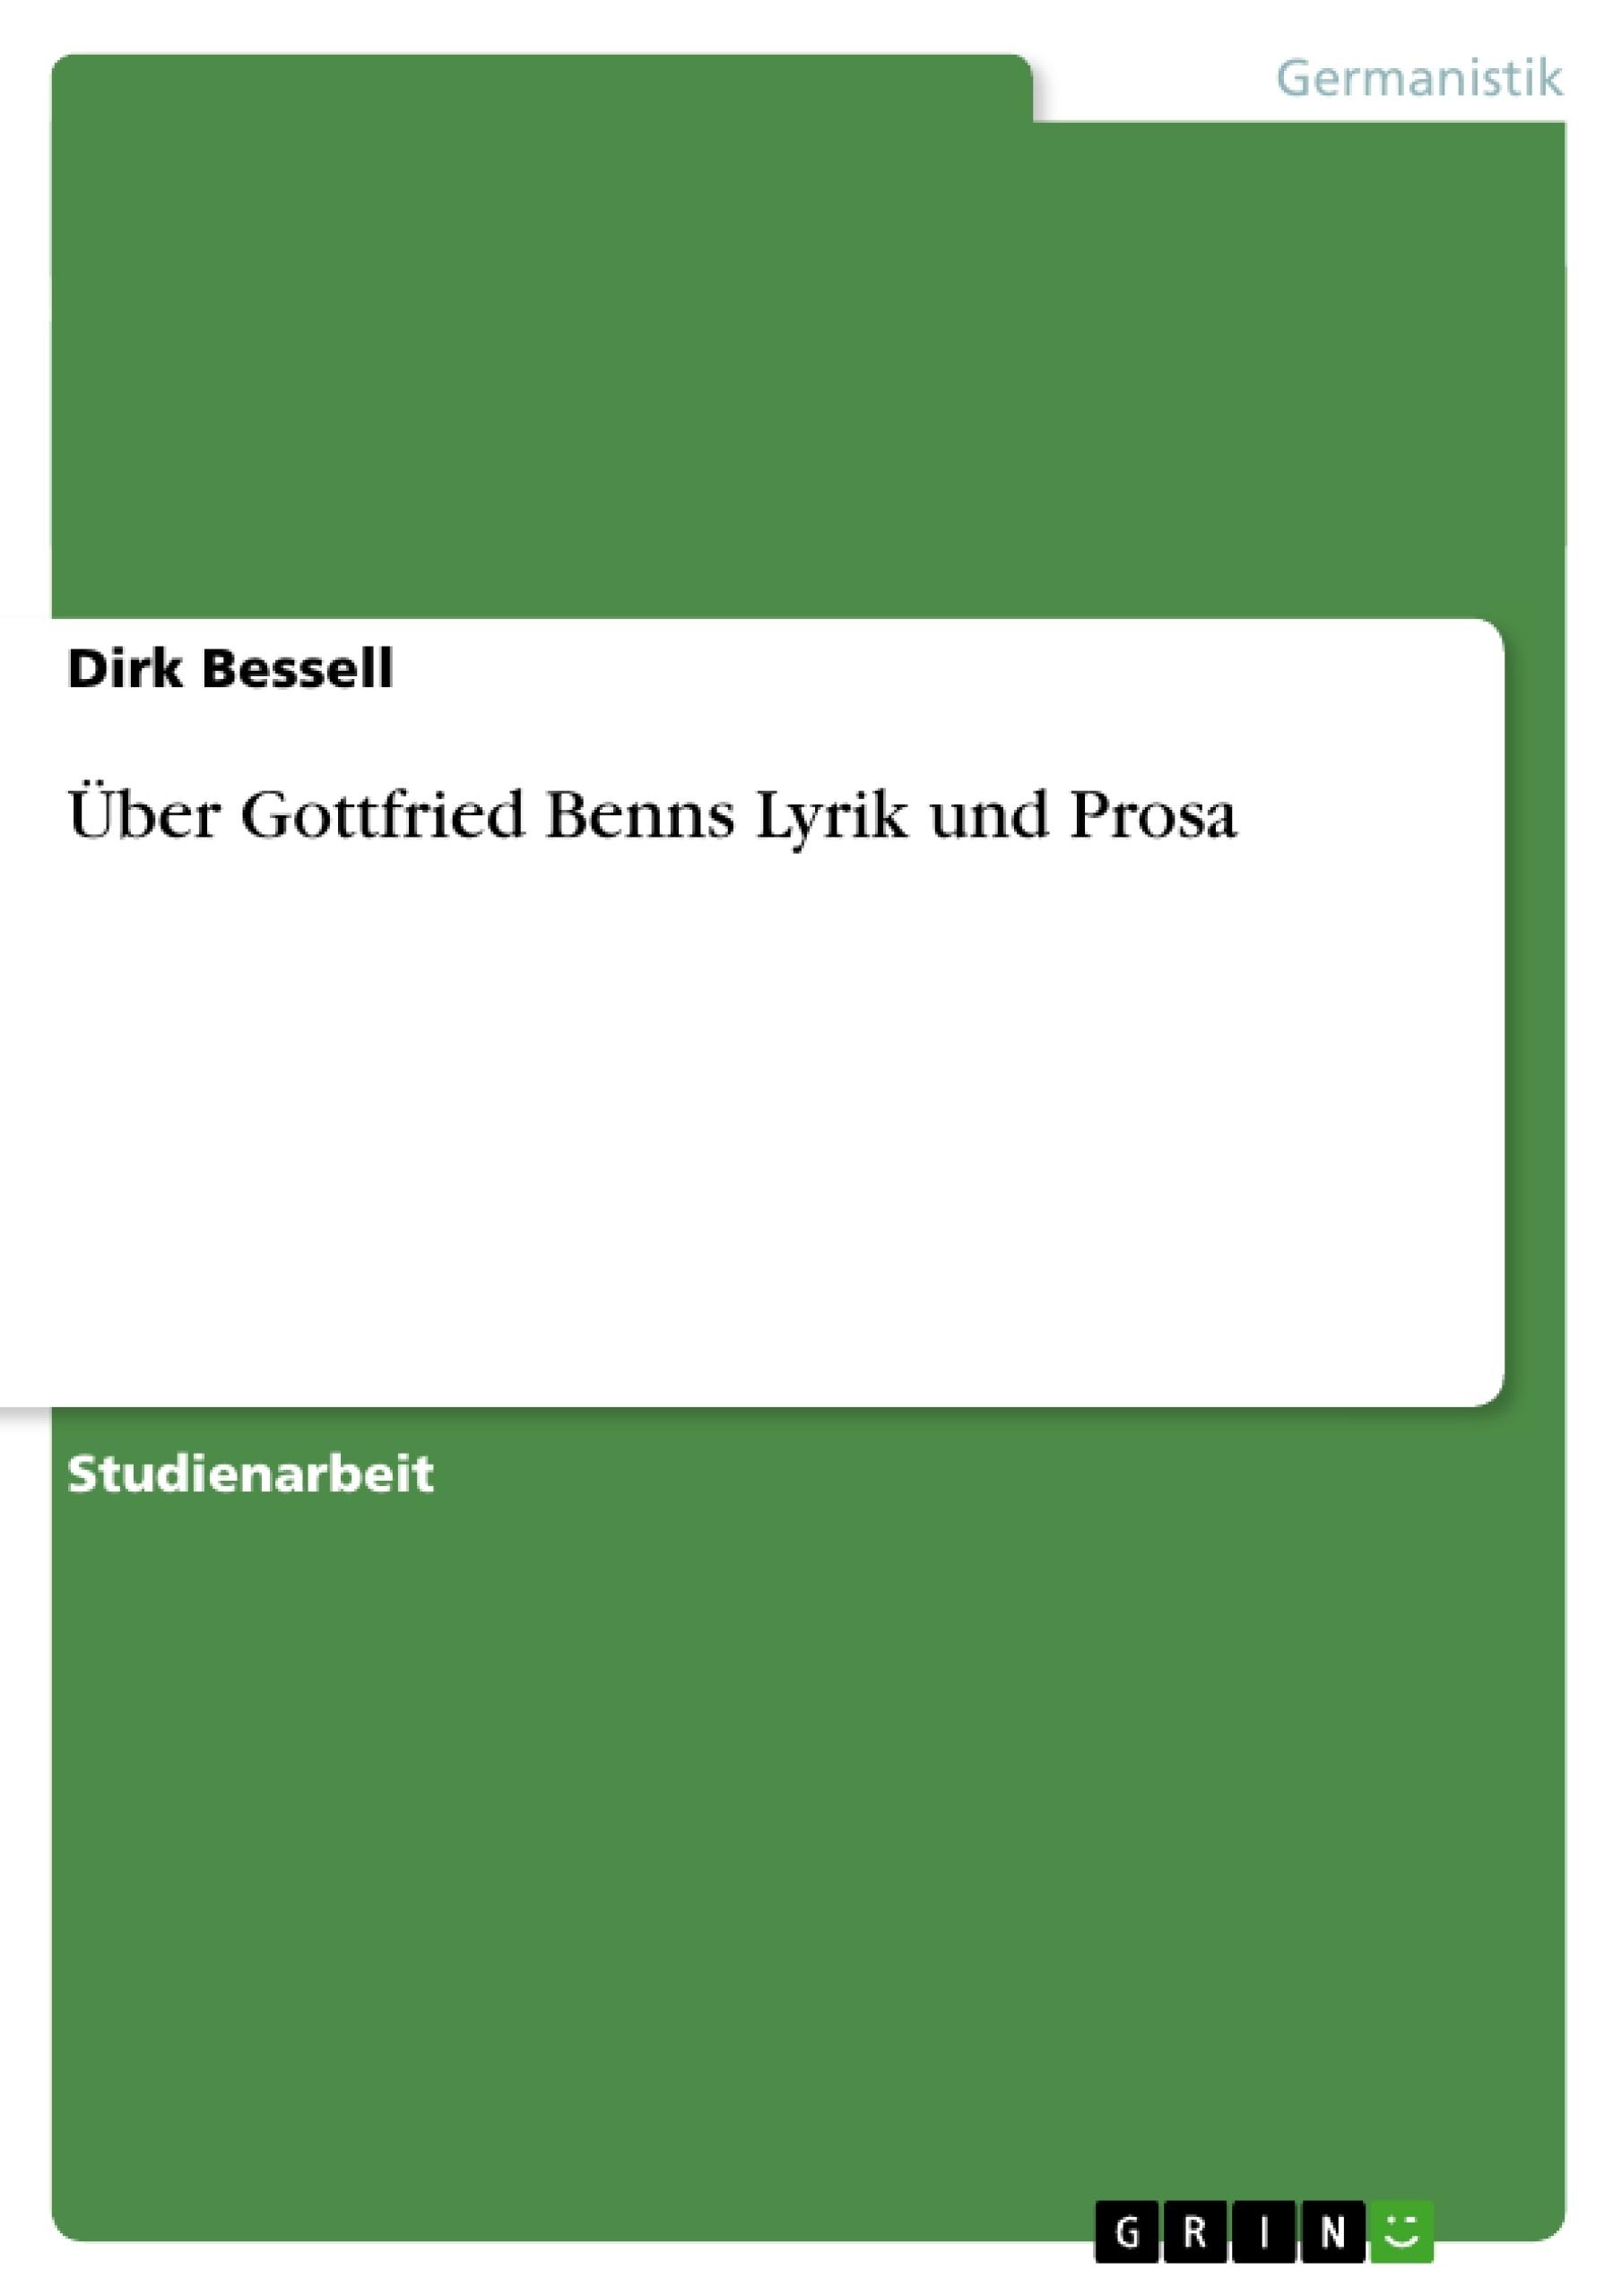 Titel: Über Gottfried Benns Lyrik und Prosa